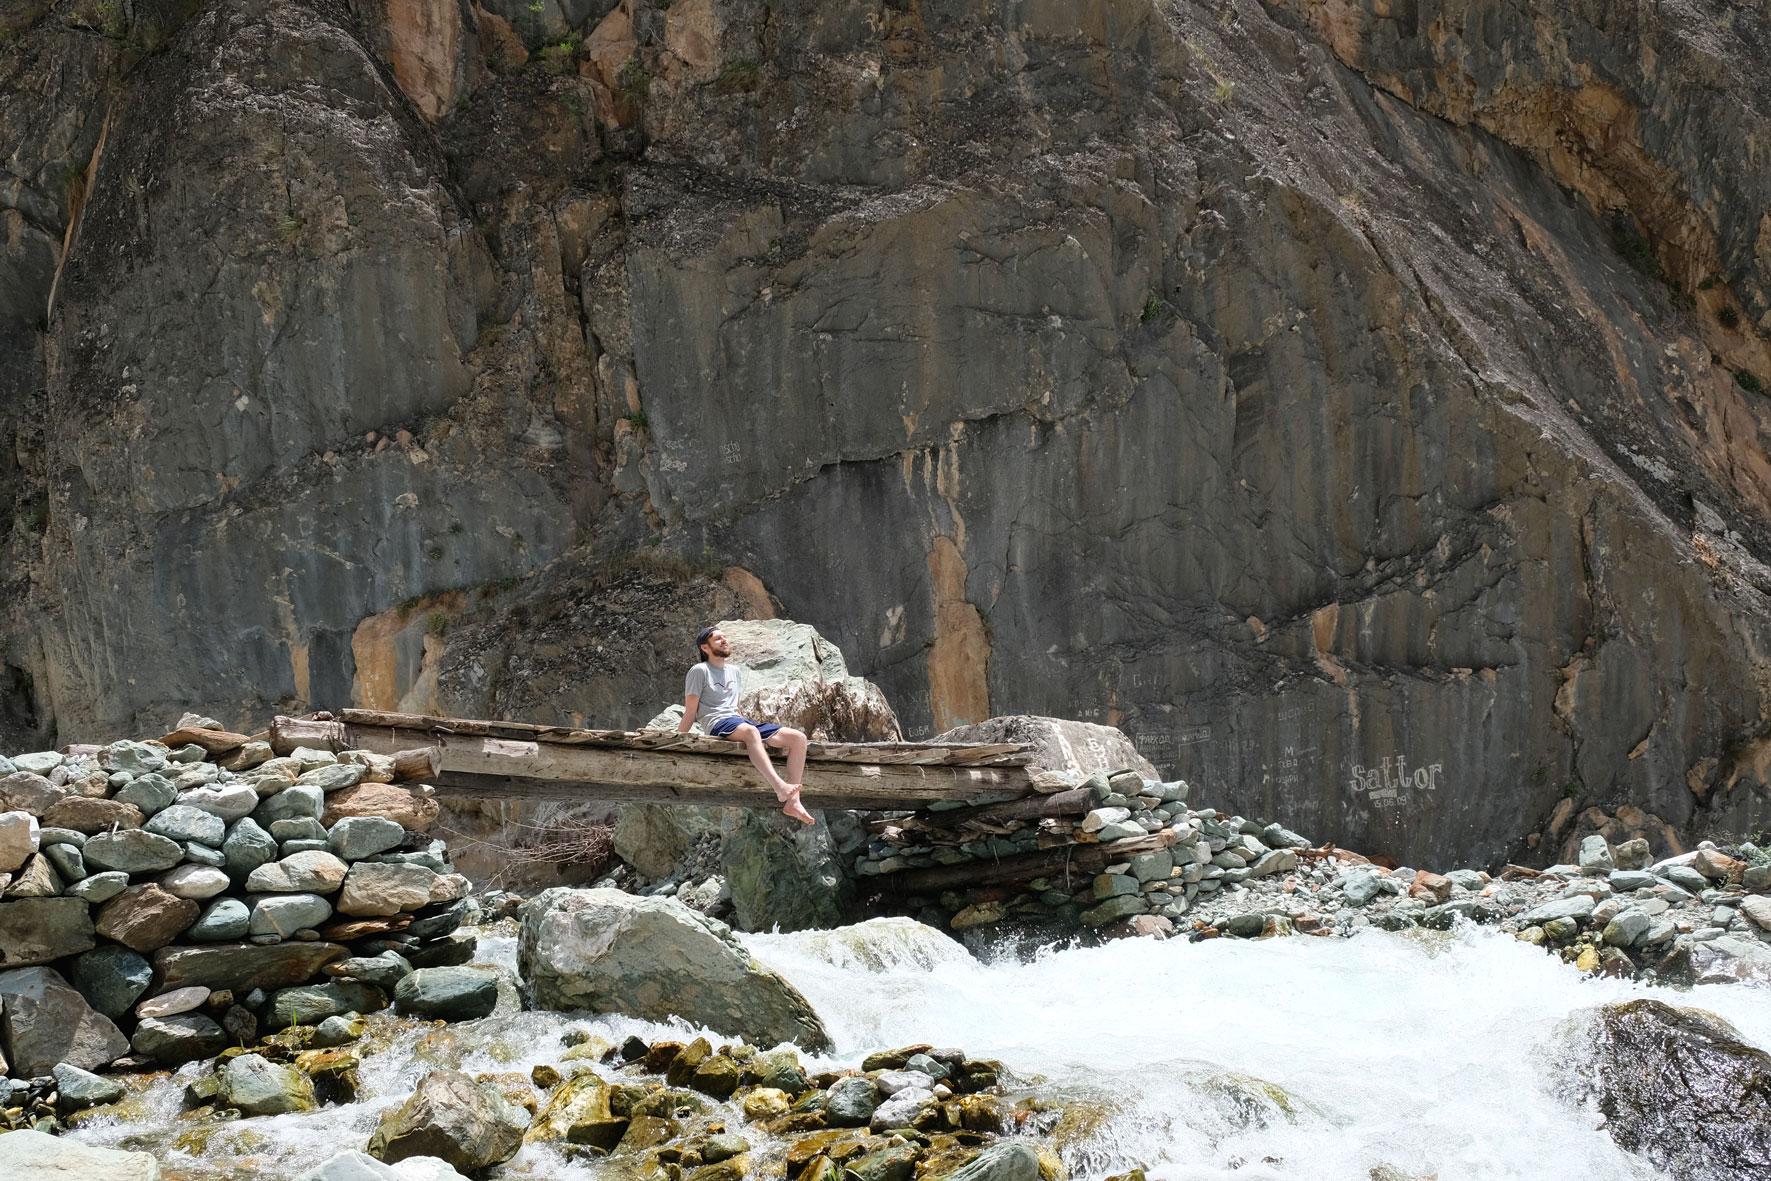 Sebastian sitzt auf einer Holzbrücke, die über einen Gebirgsfluss führt.